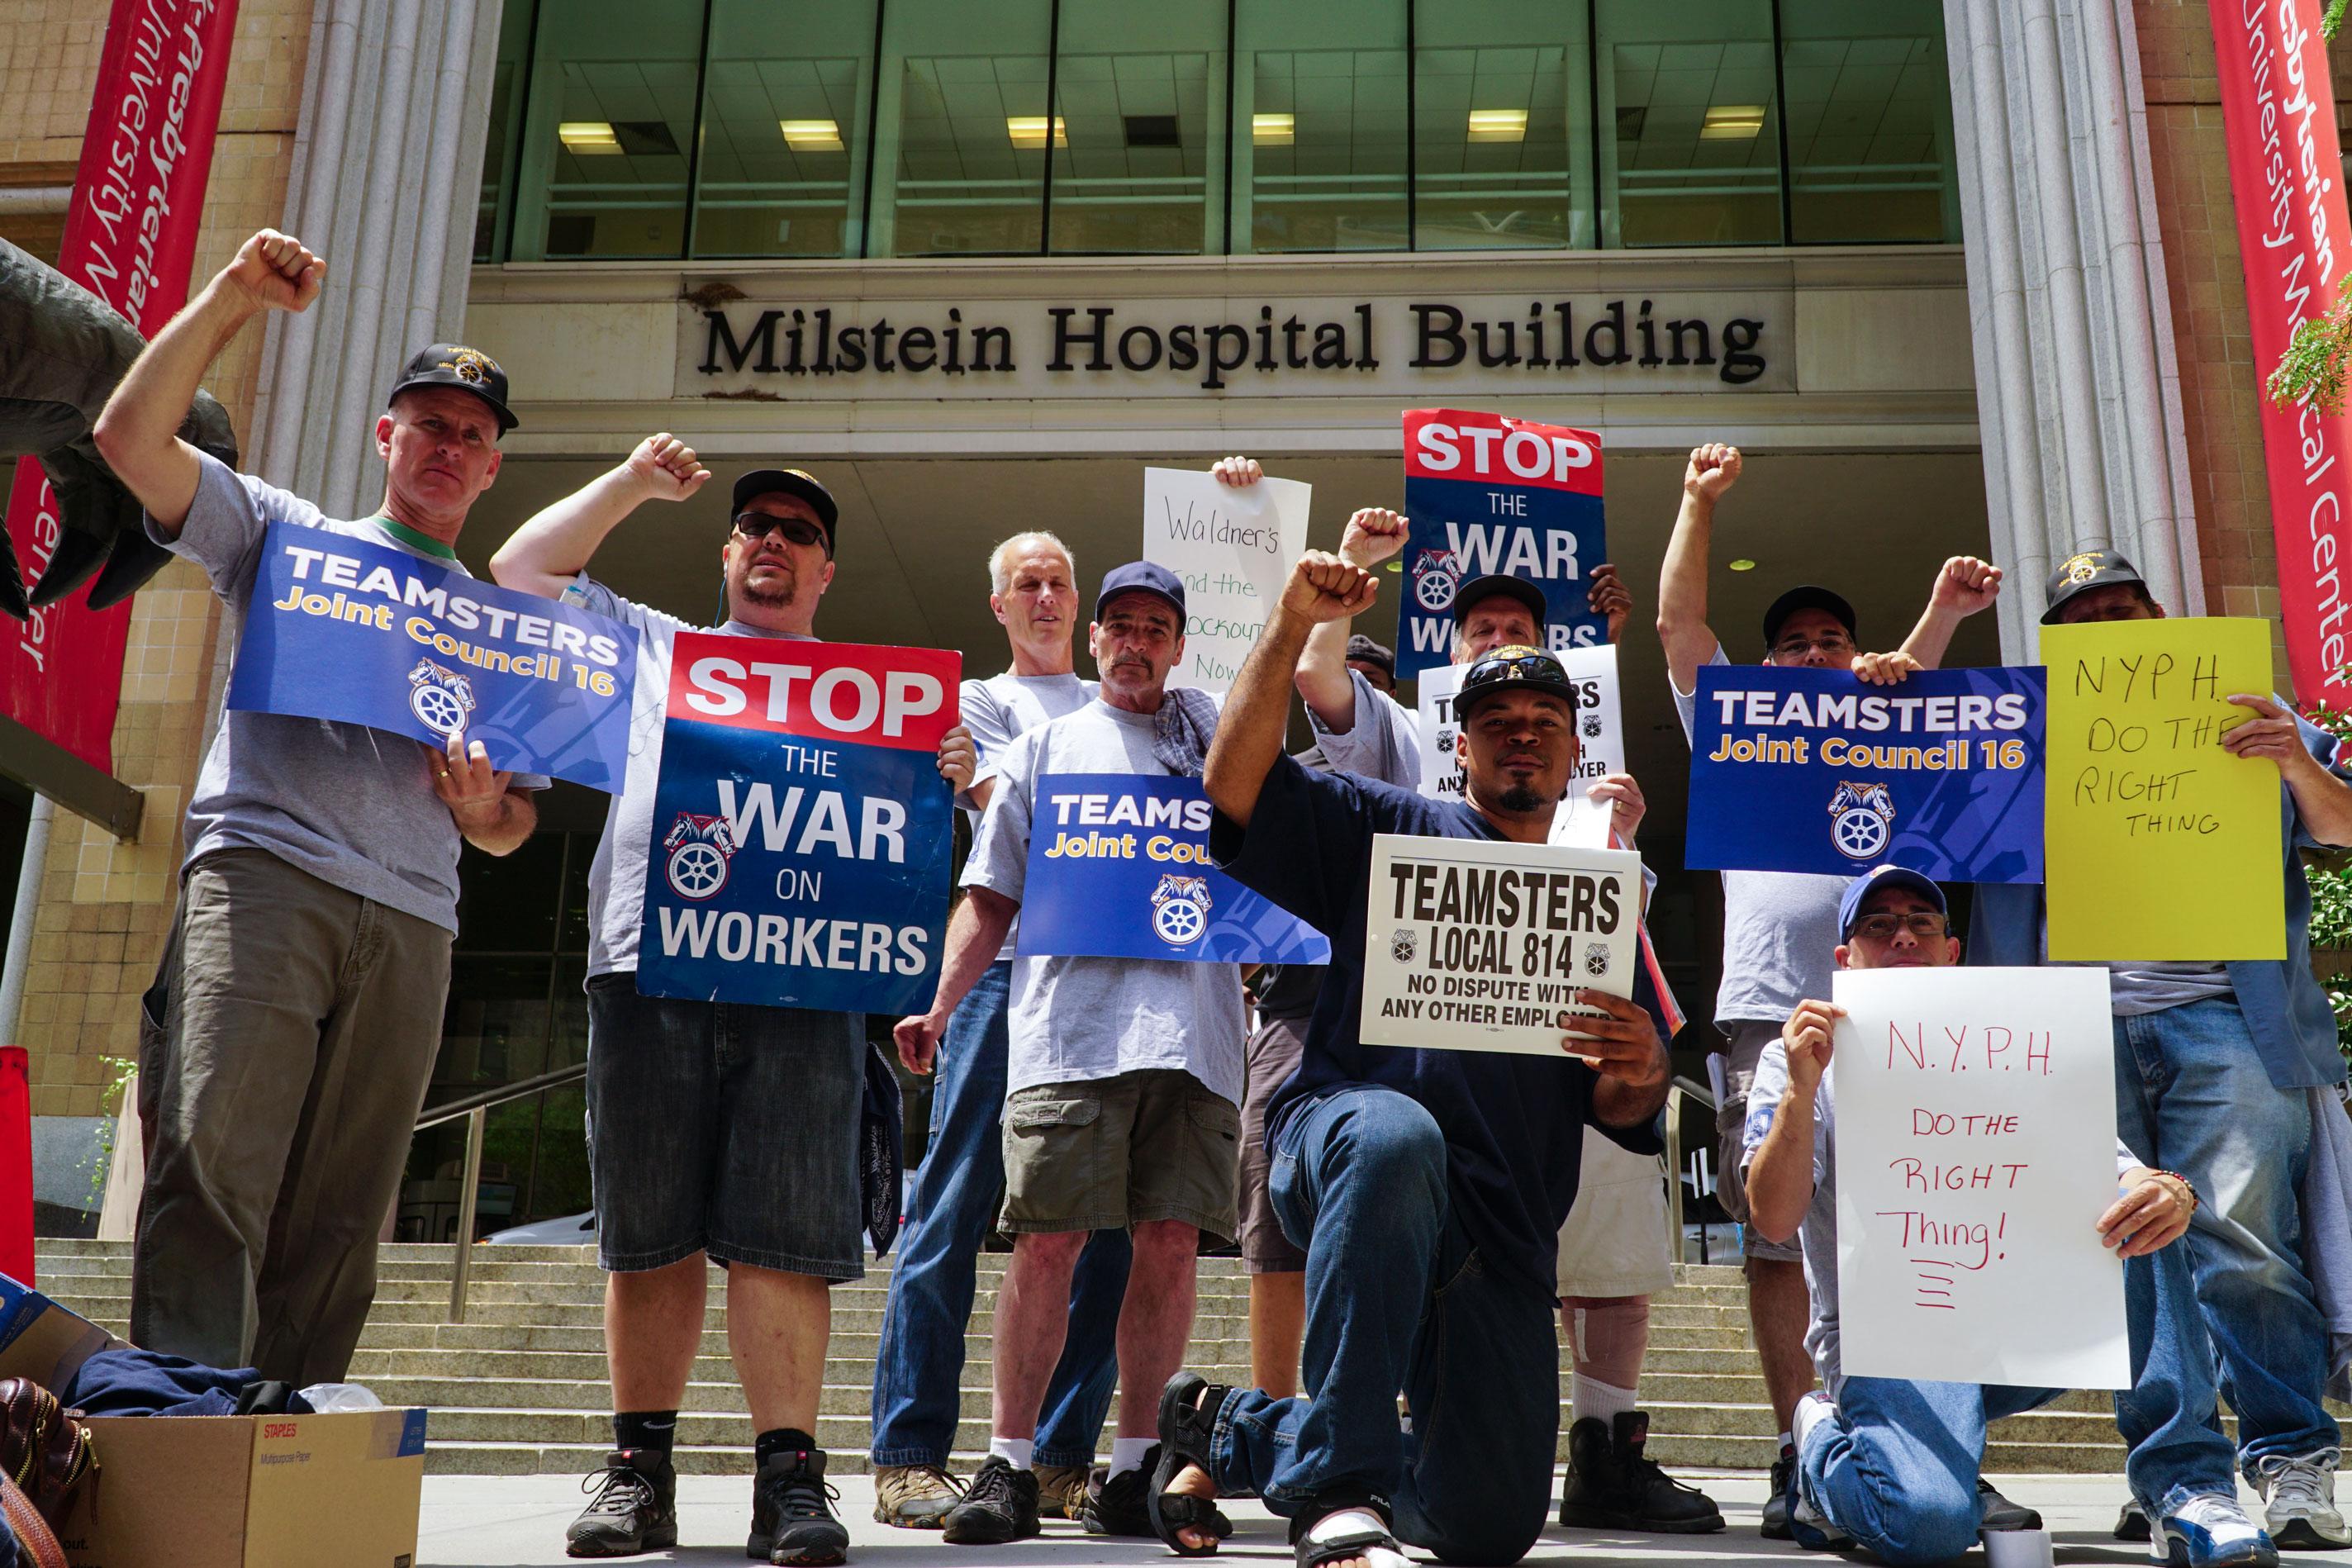 Teamsters protest New York Presbyterian Hospital